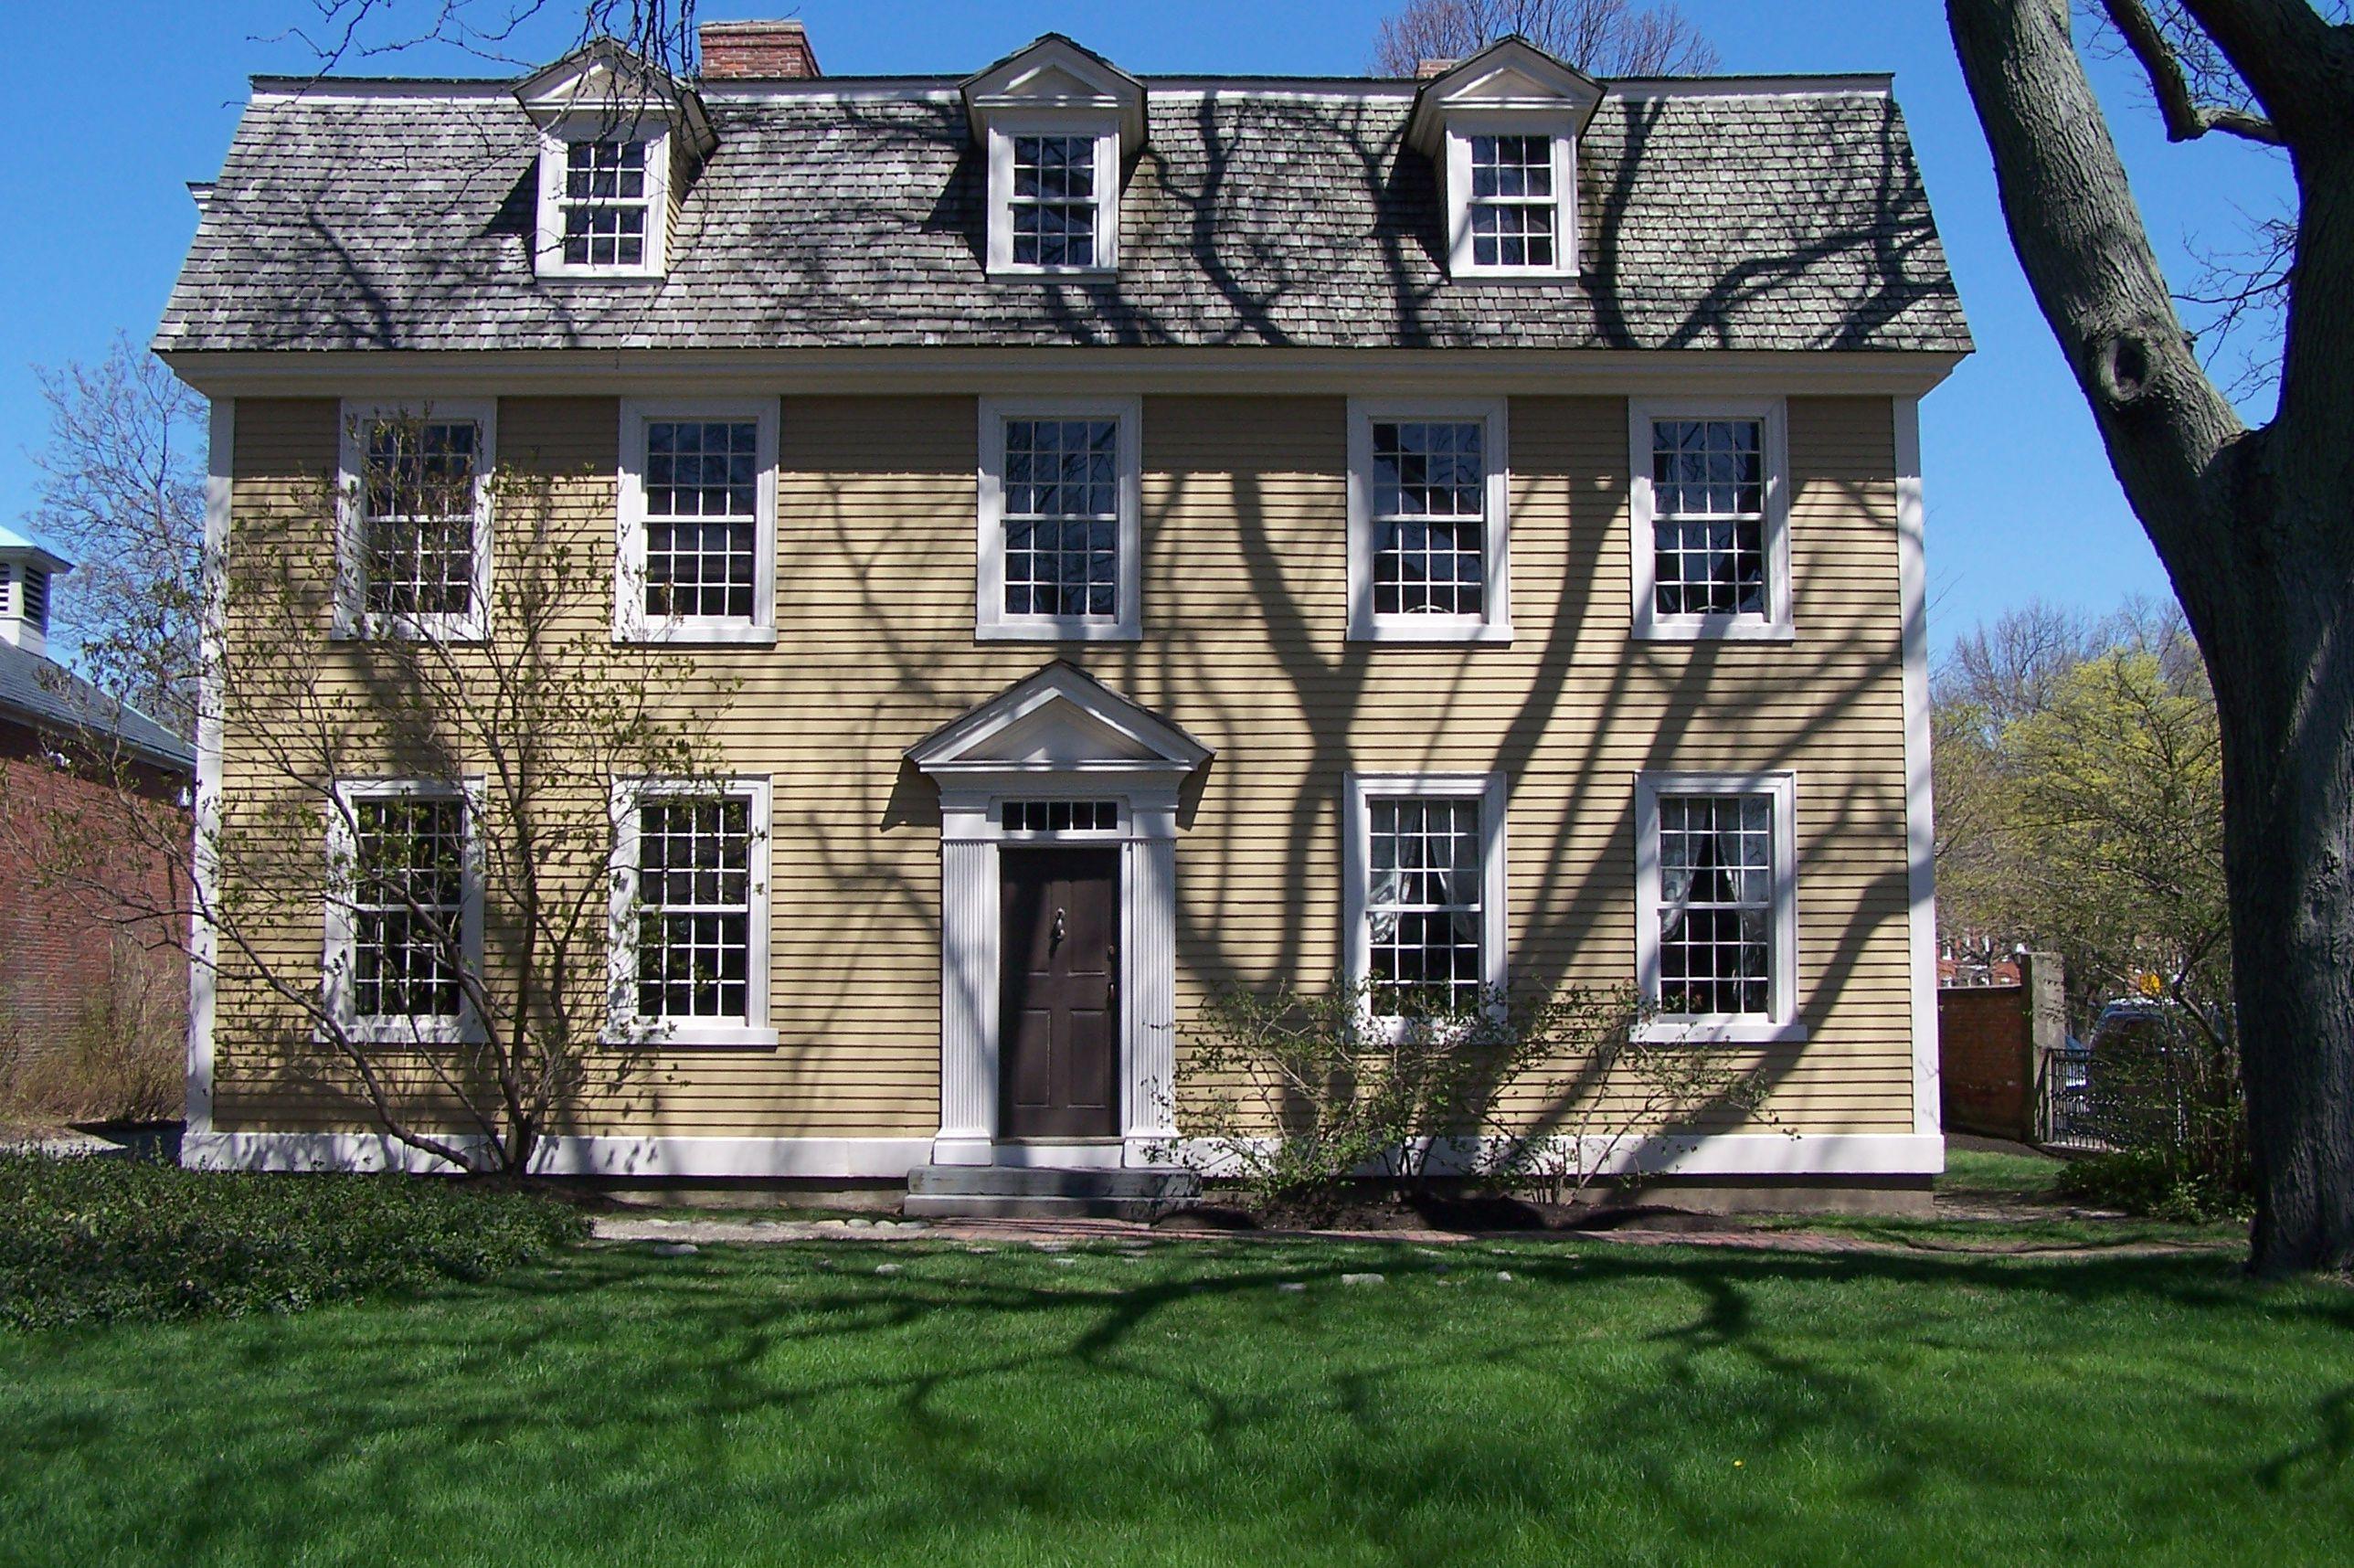 façade d'une maison de deux étages avec trois lucarnes dans un toit en croupe, Fronton sur la porte d'entrée, deux 12 sur 12 fenêtres de chaque côté de la porte et cinq dans la partie supérieure du deuxième étage - revêtement de couleur jaune-or garniture blanche